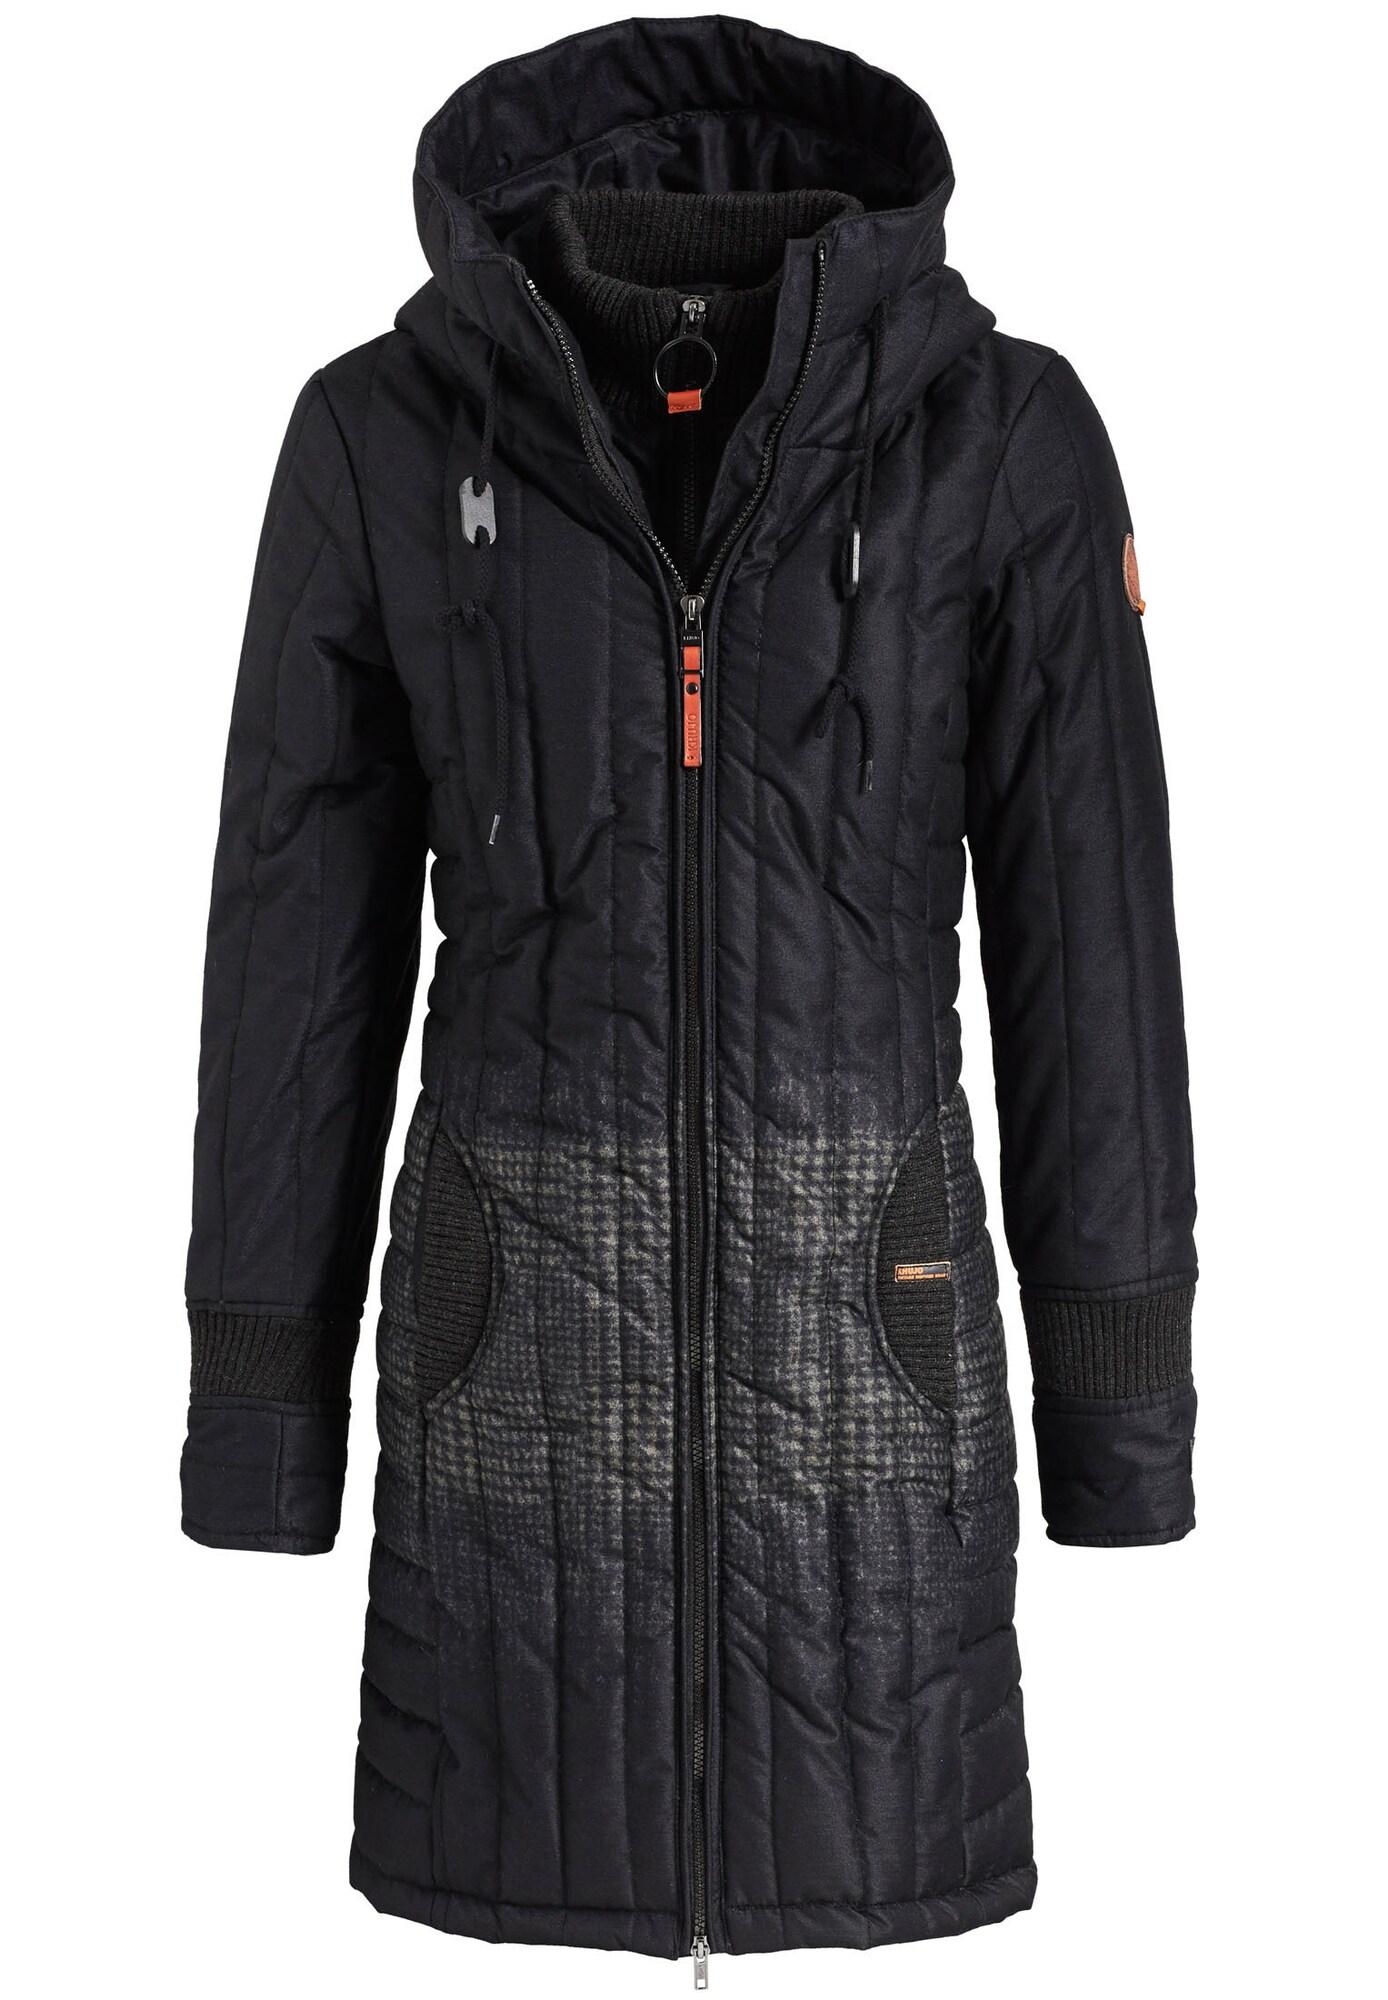 Zimní kabát JERRY PRIME2 noční modrá černá Khujo